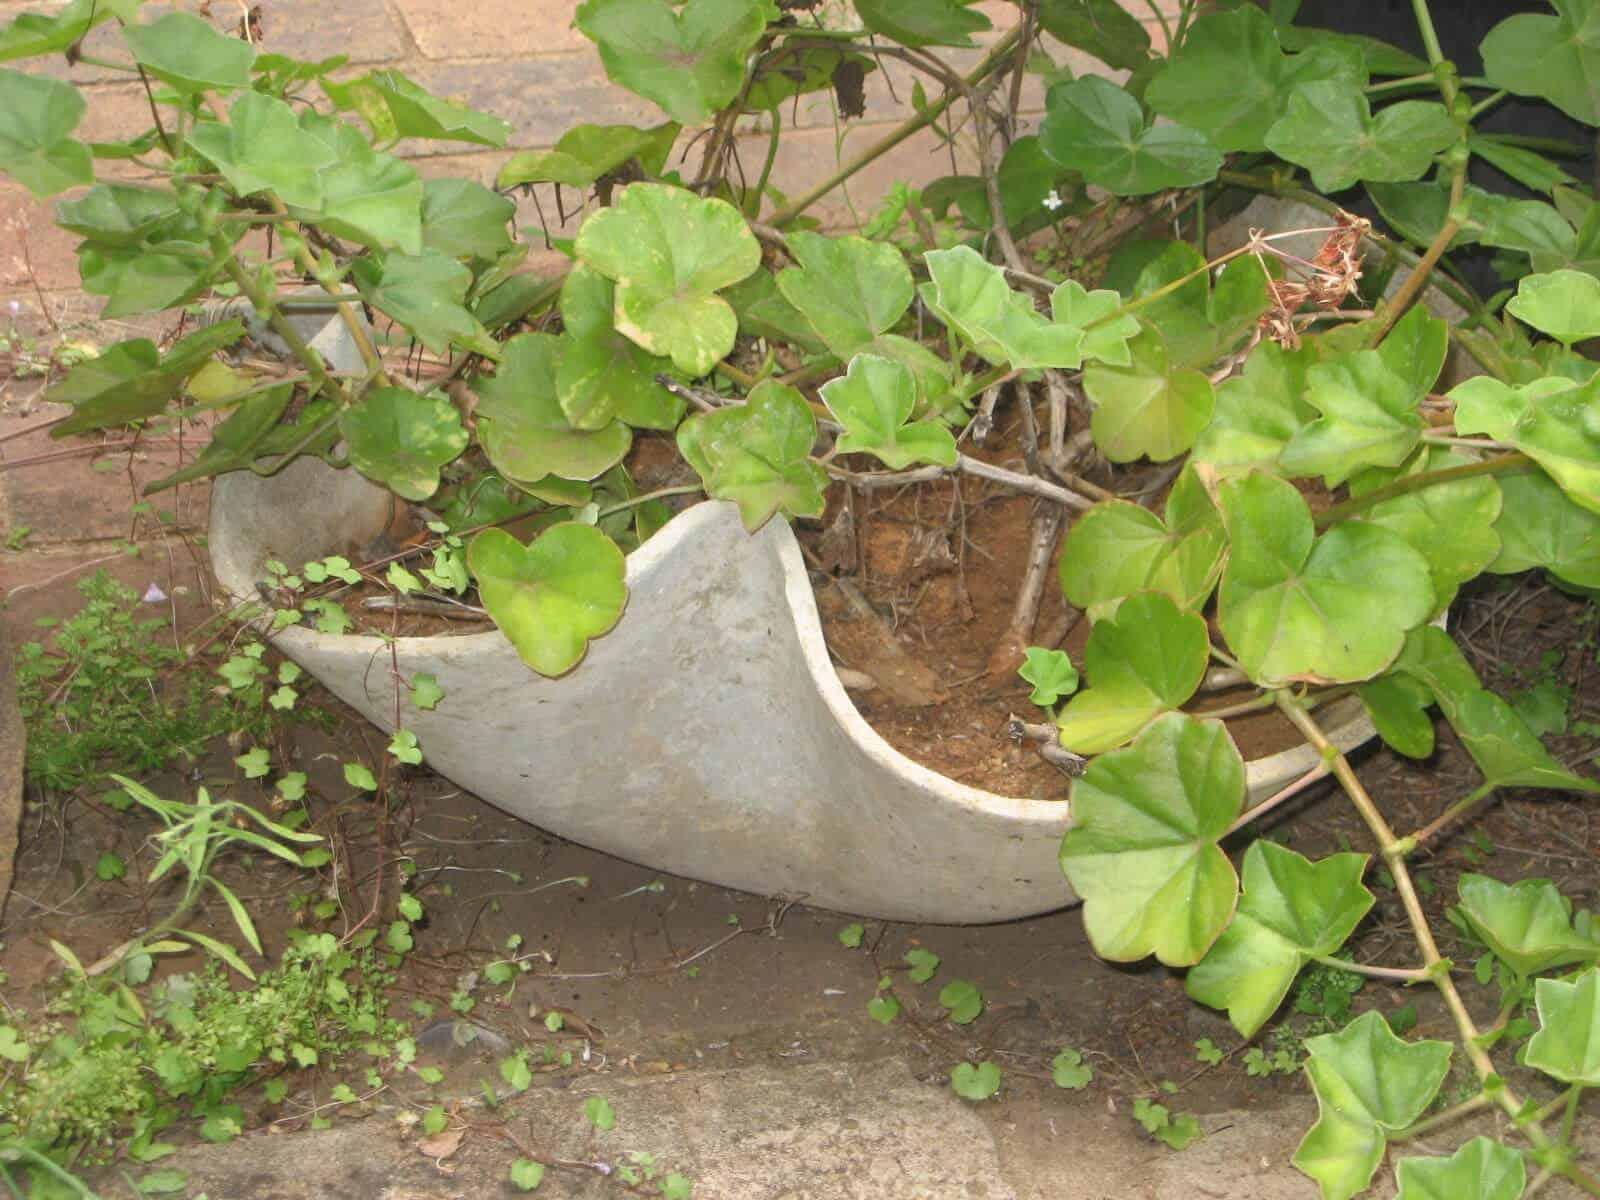 Asbestos Audits Queensland AAQ PL - Asbestos in Flower Pots